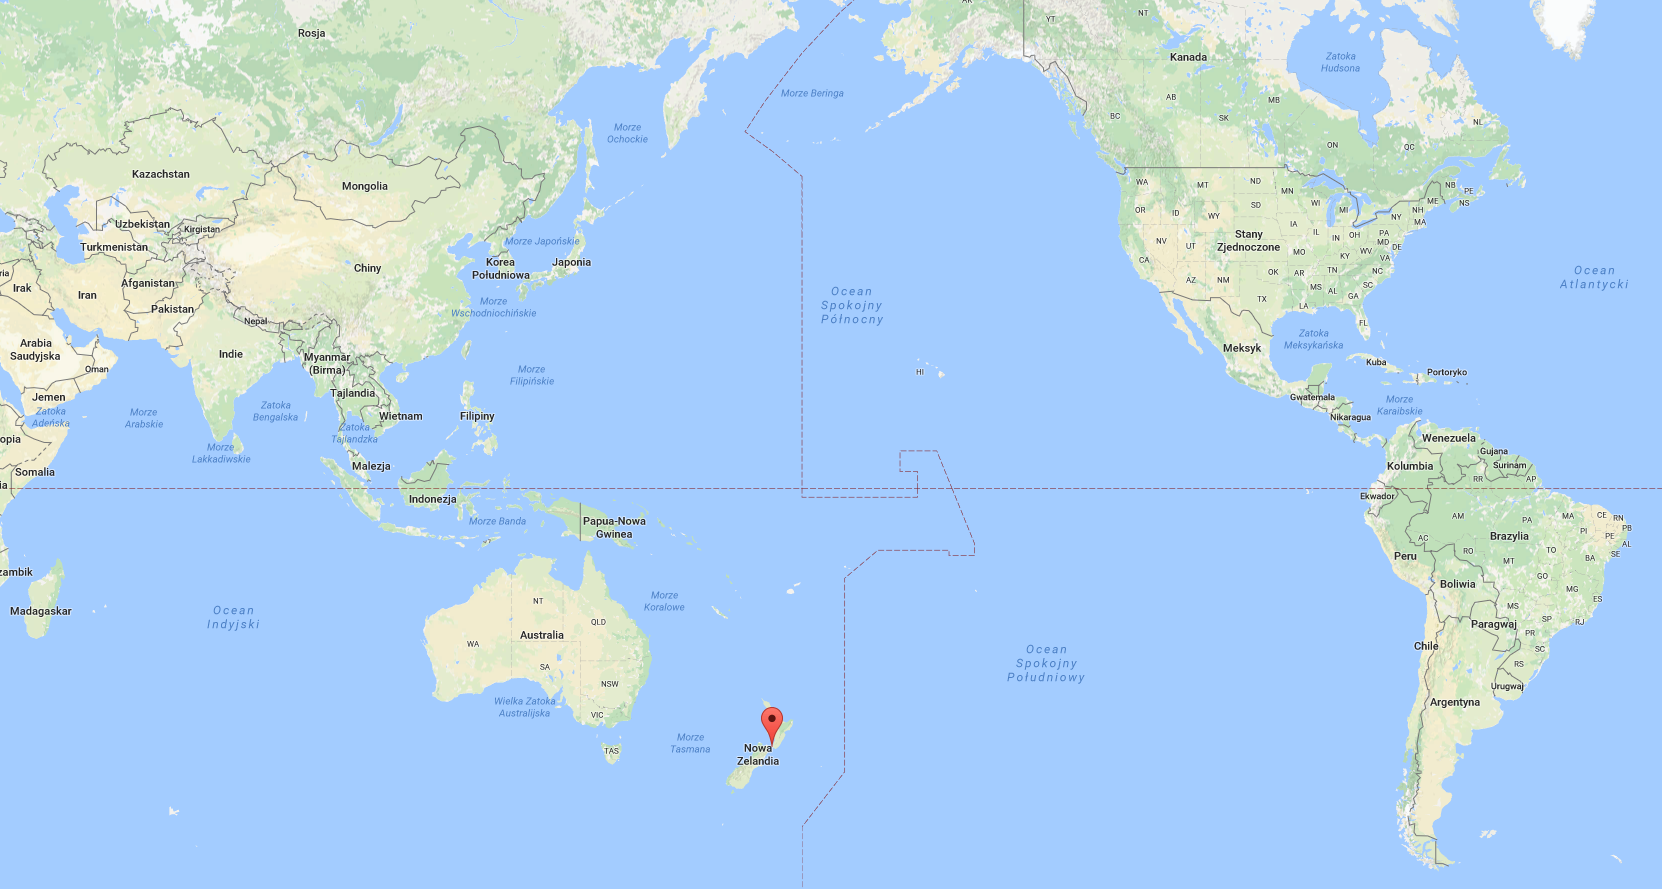 Linia zmiany daty i zaznaczone Wellington. |źródło: www.google.pl